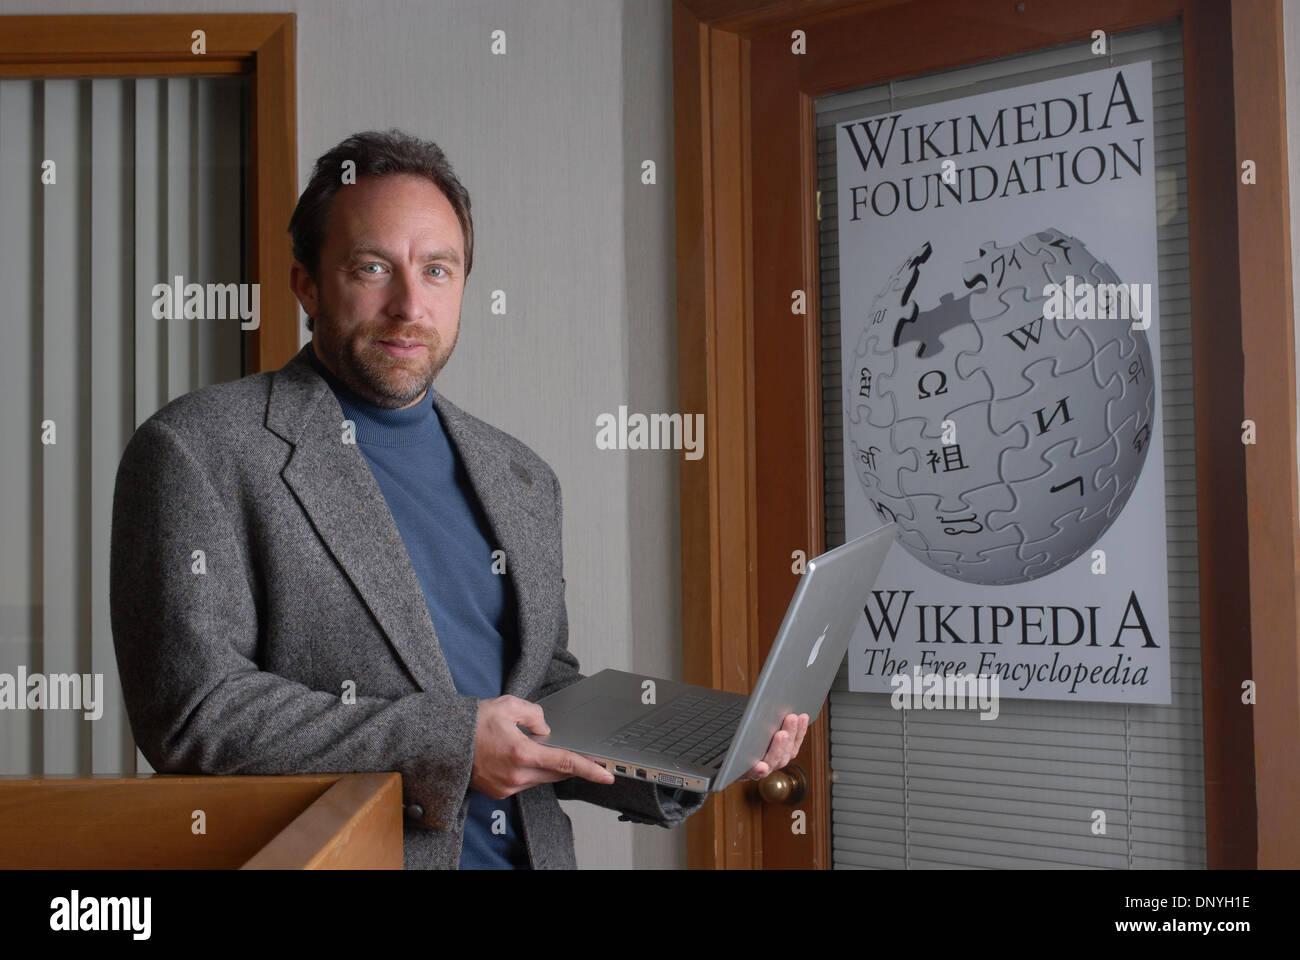 Ufficio Wikipedia : Jimmy wales founder wikipedia immagini & jimmy wales founder